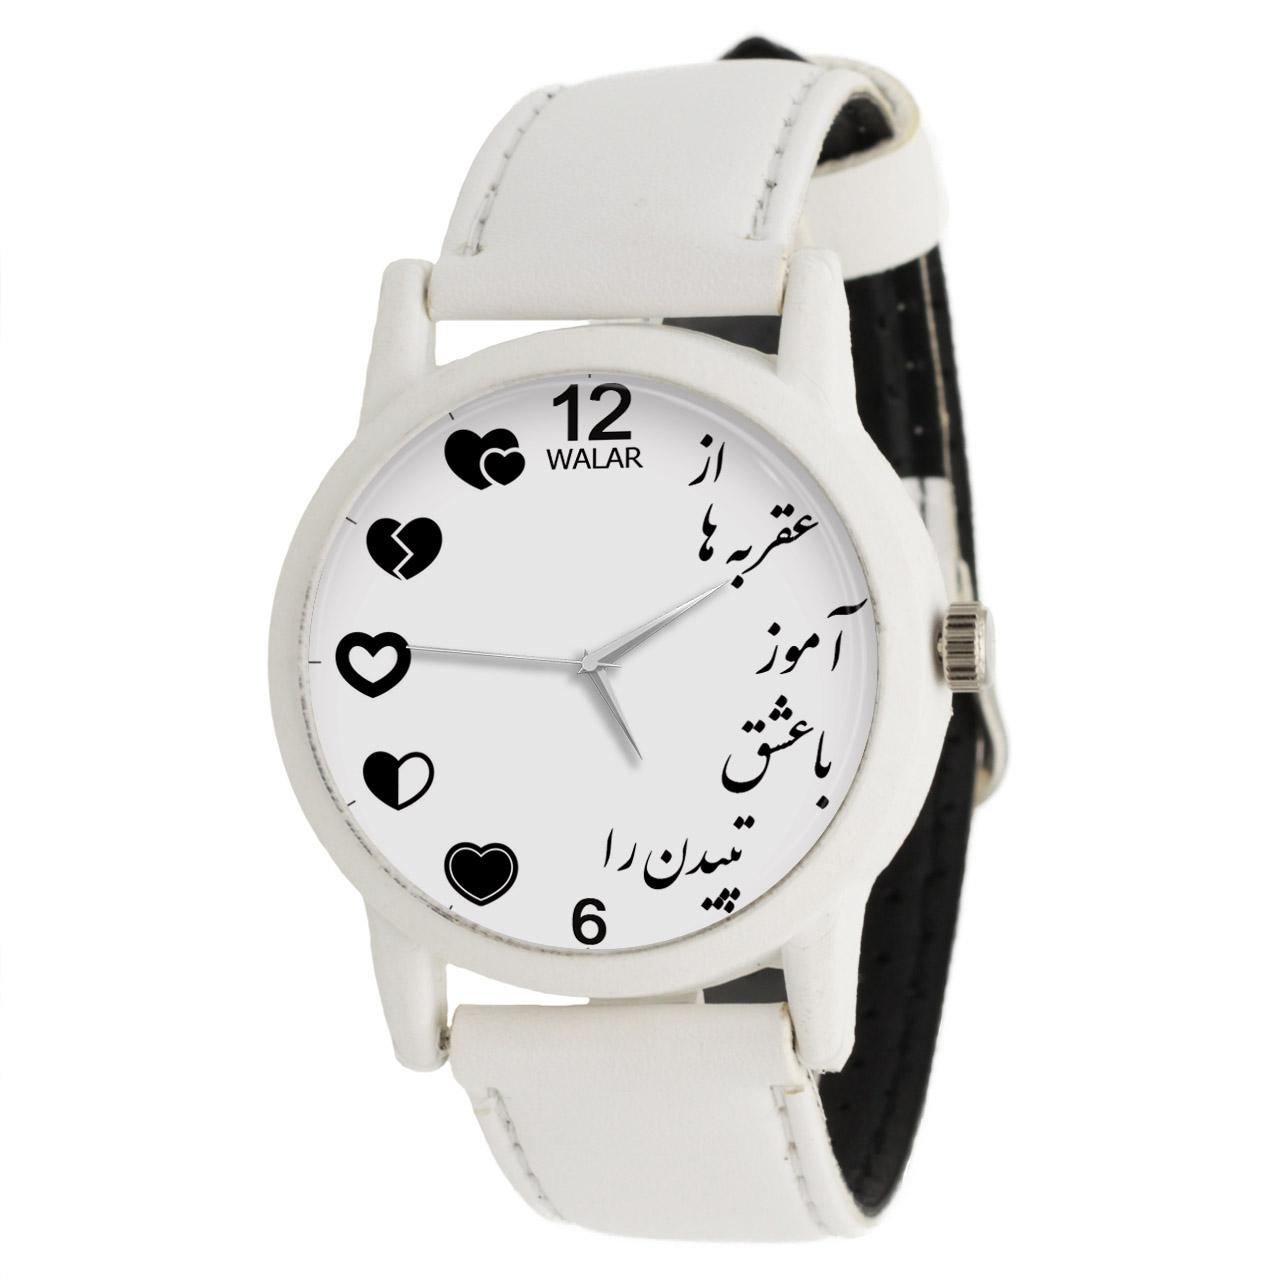 ساعت مچی عقربه ای زنانه والار طرح از عقربه ها آموز با عشق تپیدن را کد LF1641              خرید (⭐️⭐️⭐️)